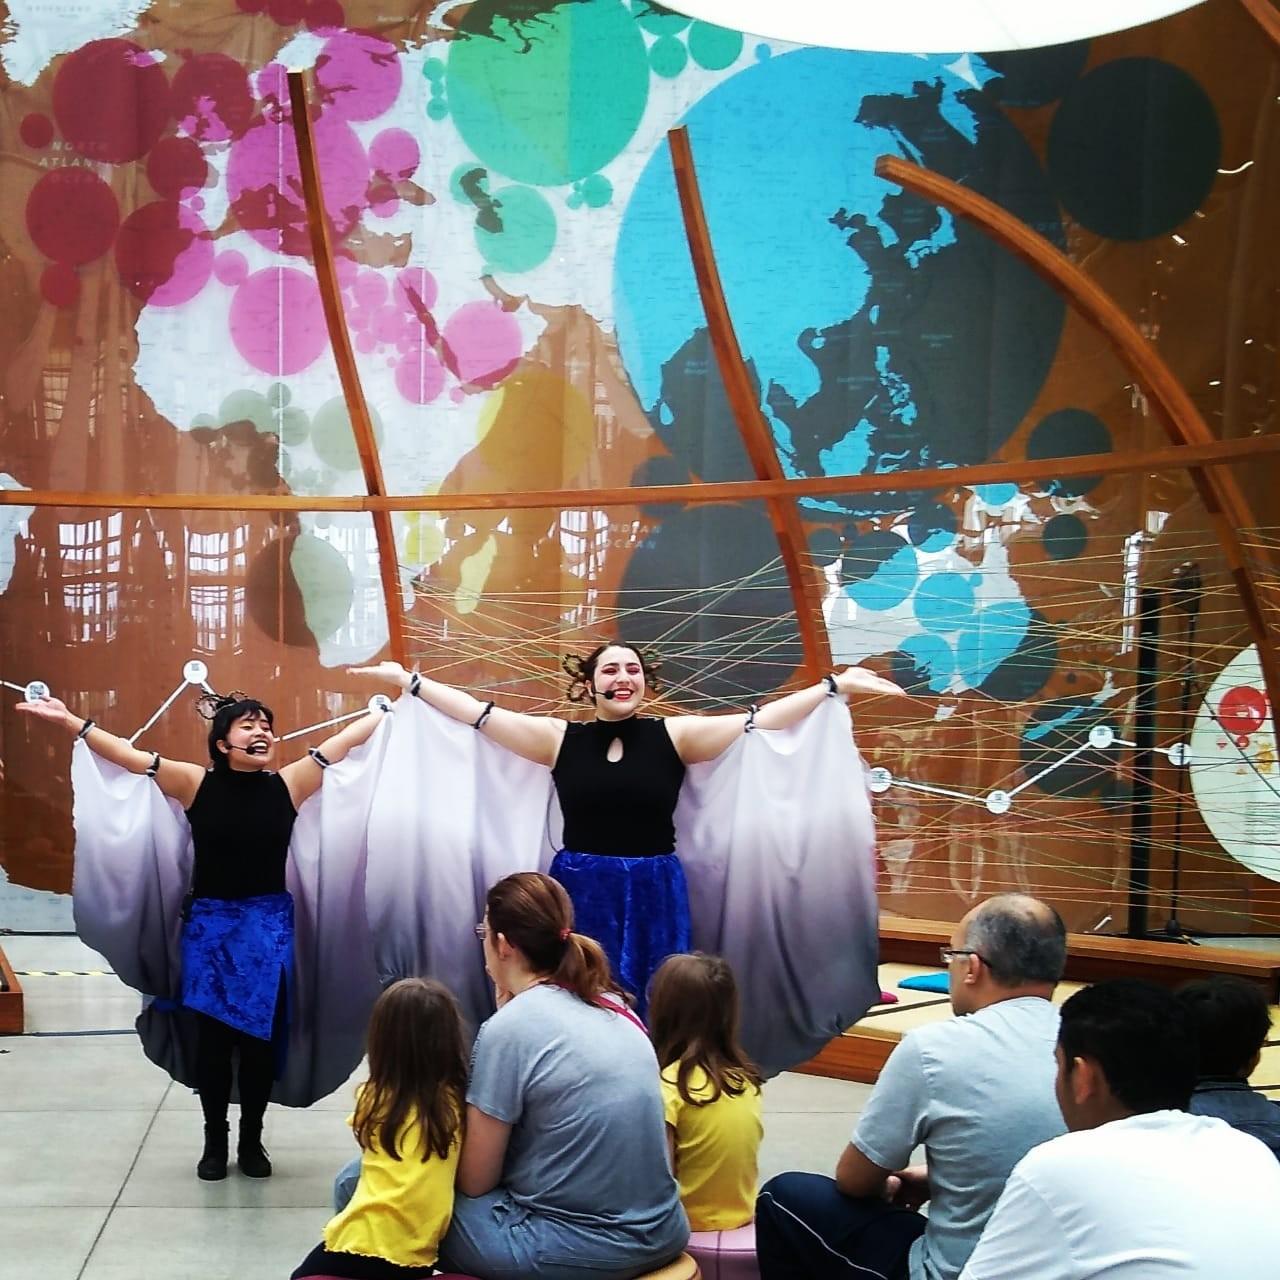 A dupla aposta em música e história de outras culturas para encantar as crianças (Foto: Divulgação)